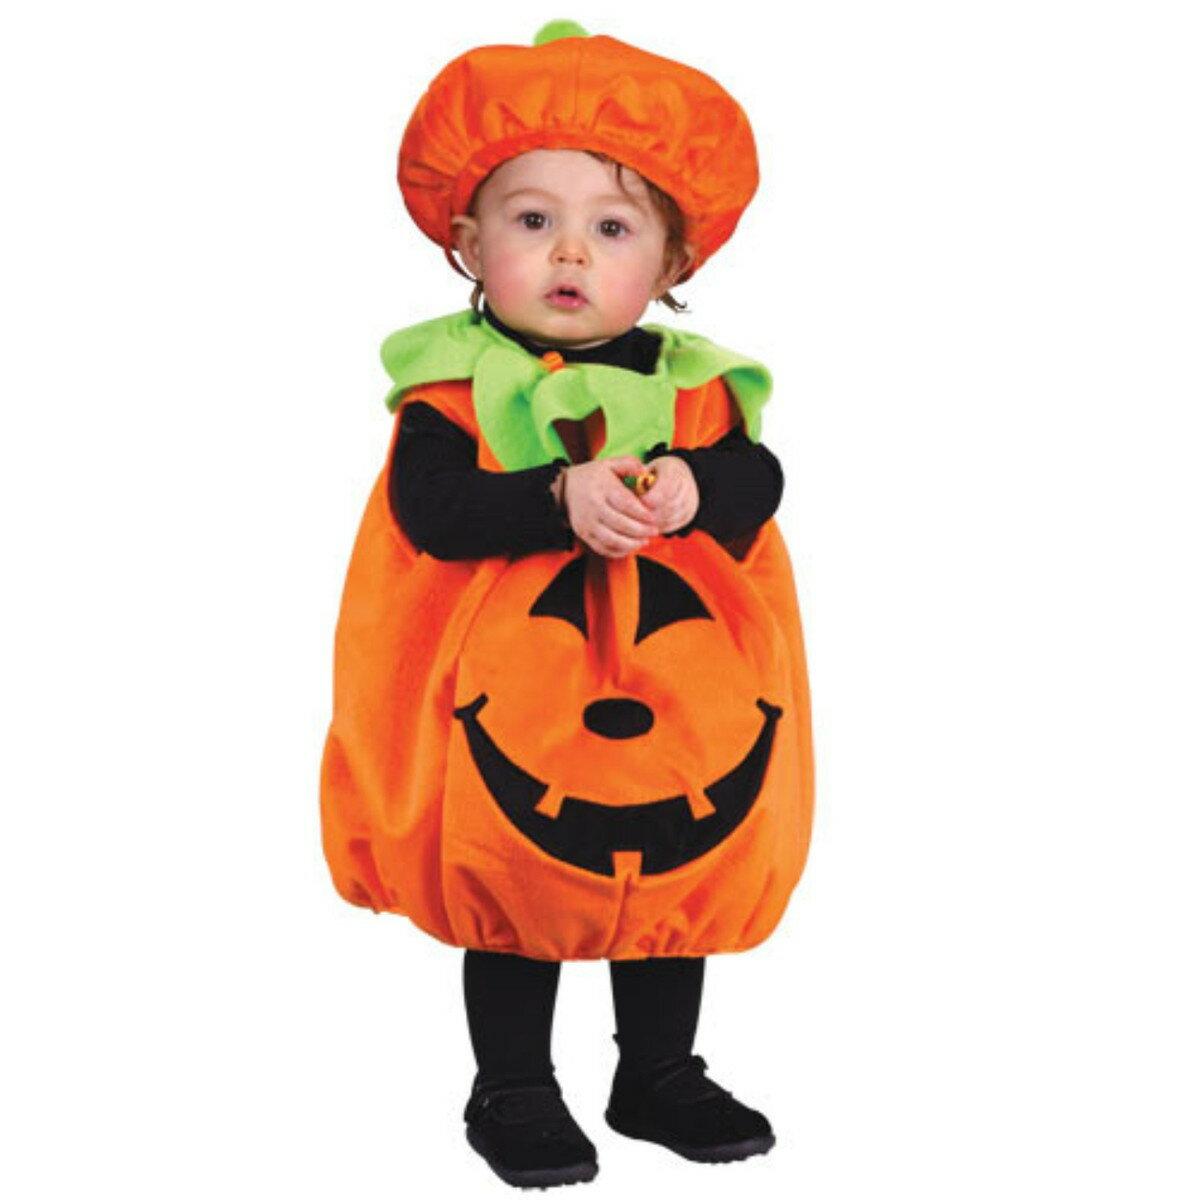 衣装 ベビー かぼちゃ 赤ちゃん 着ぐるみ パンプキンコスチューム あす楽